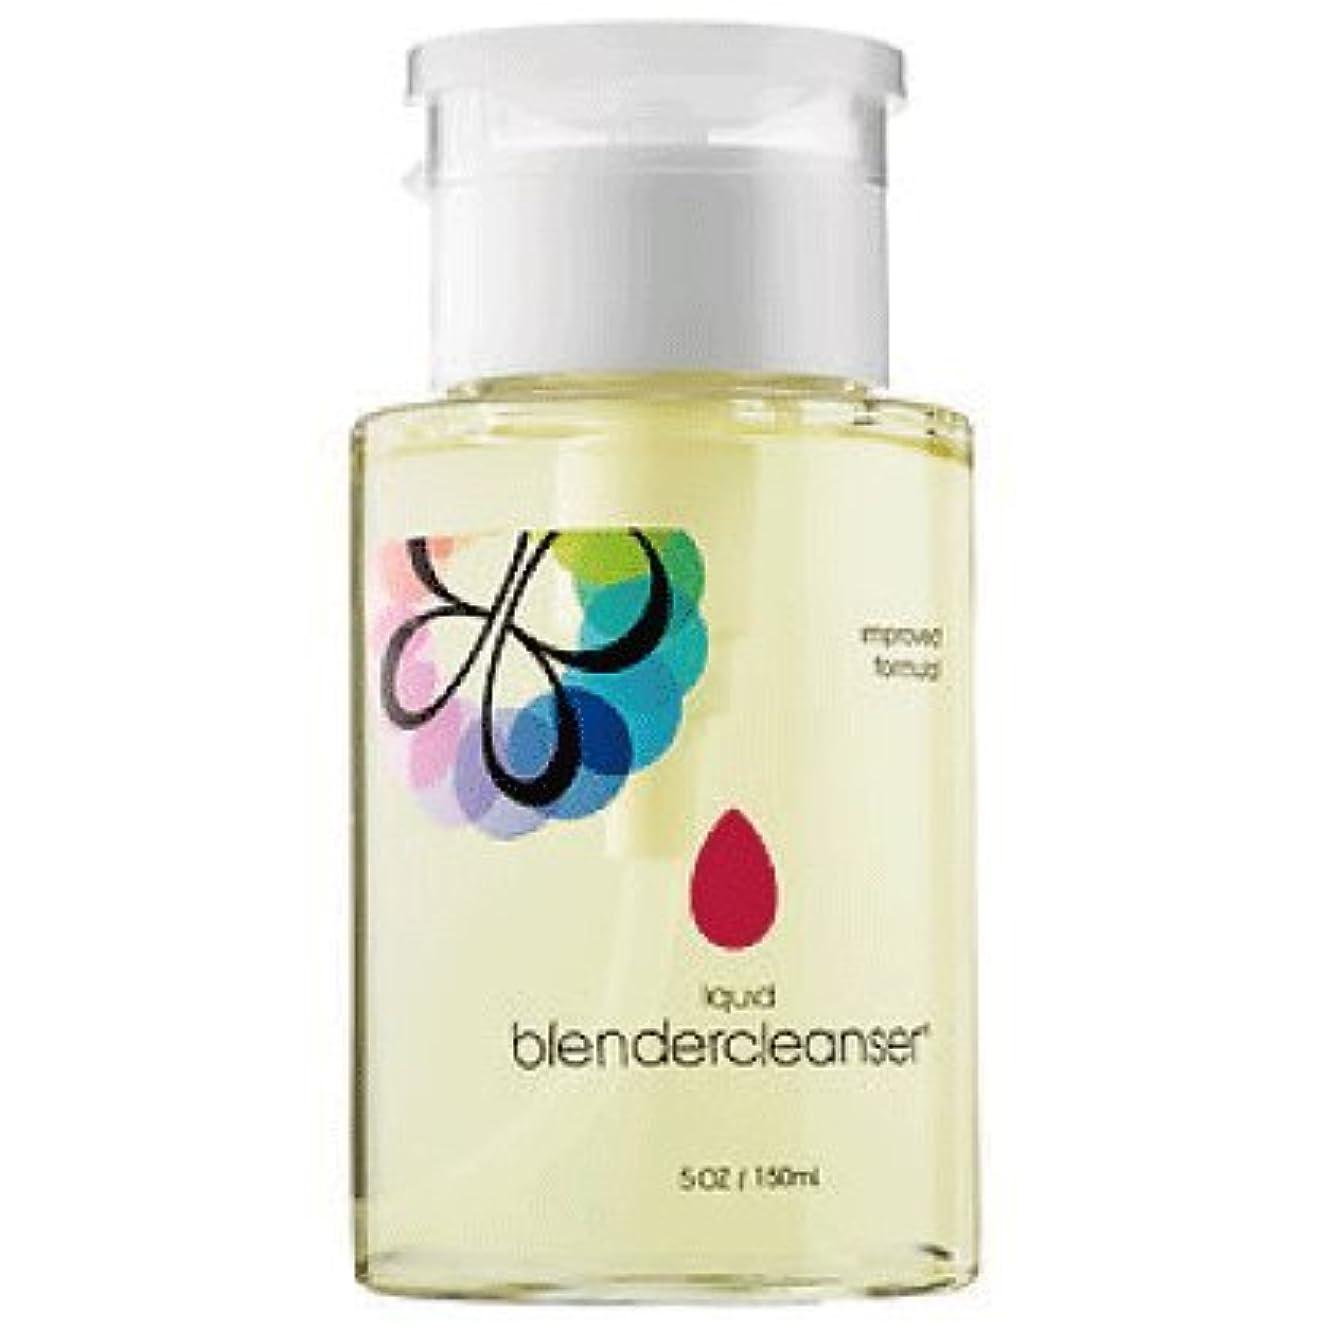 ピニオンいくつかのつま先beautyblender(ビューティブレンダー) blendercleanser ブレンダークレンザー ボトルタイプ 150ml